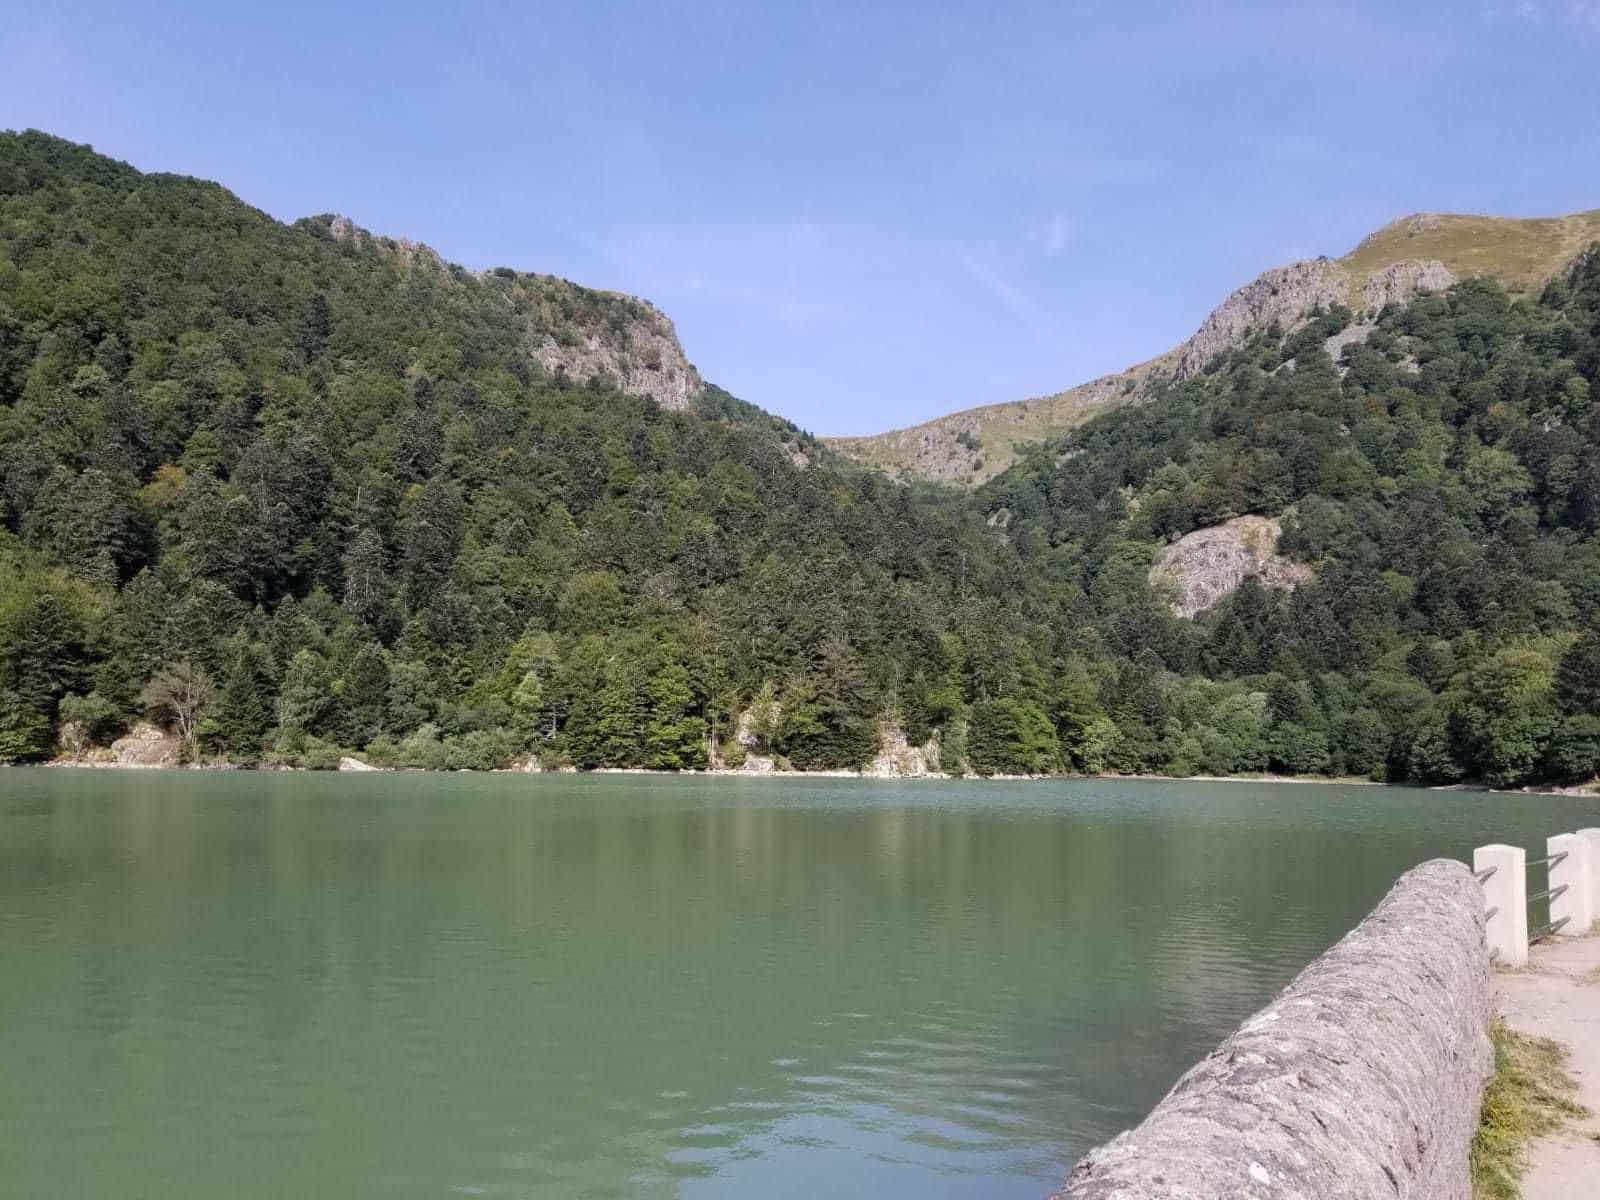 Randonnée Vosges : Le lac de Schiessrothried et Le Hohneck